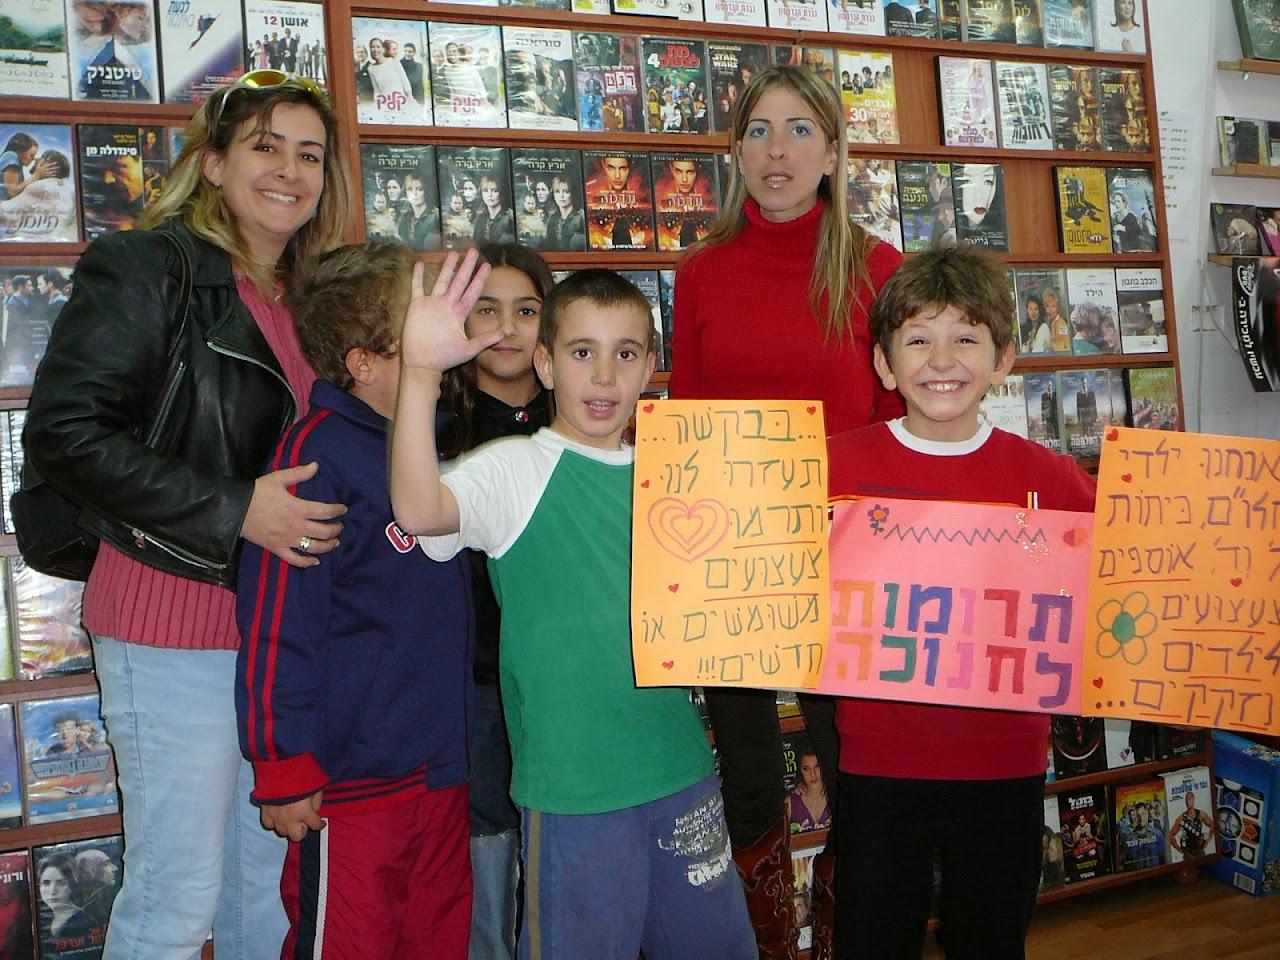 Hanukkah 2006  - 2006-12-15 05.58.52.jpg